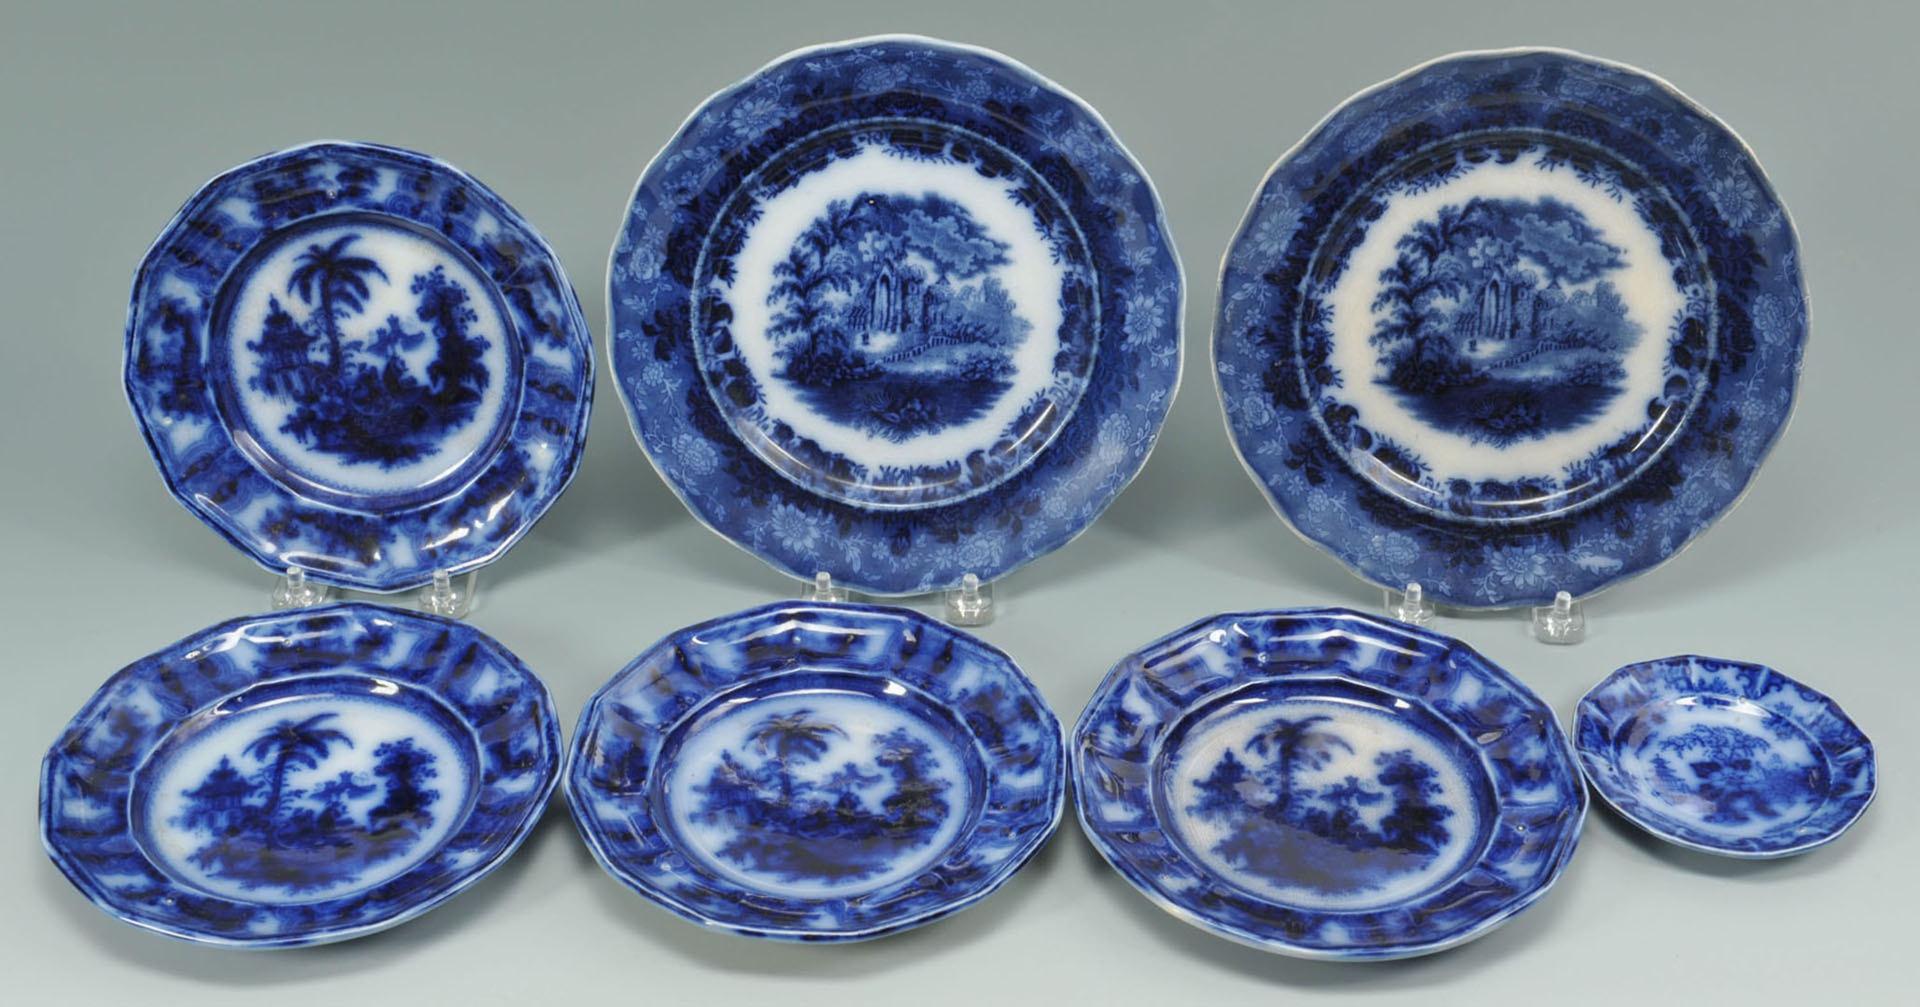 Lot 669: 12 pcs of English Ceramics, incl. Flow Blue